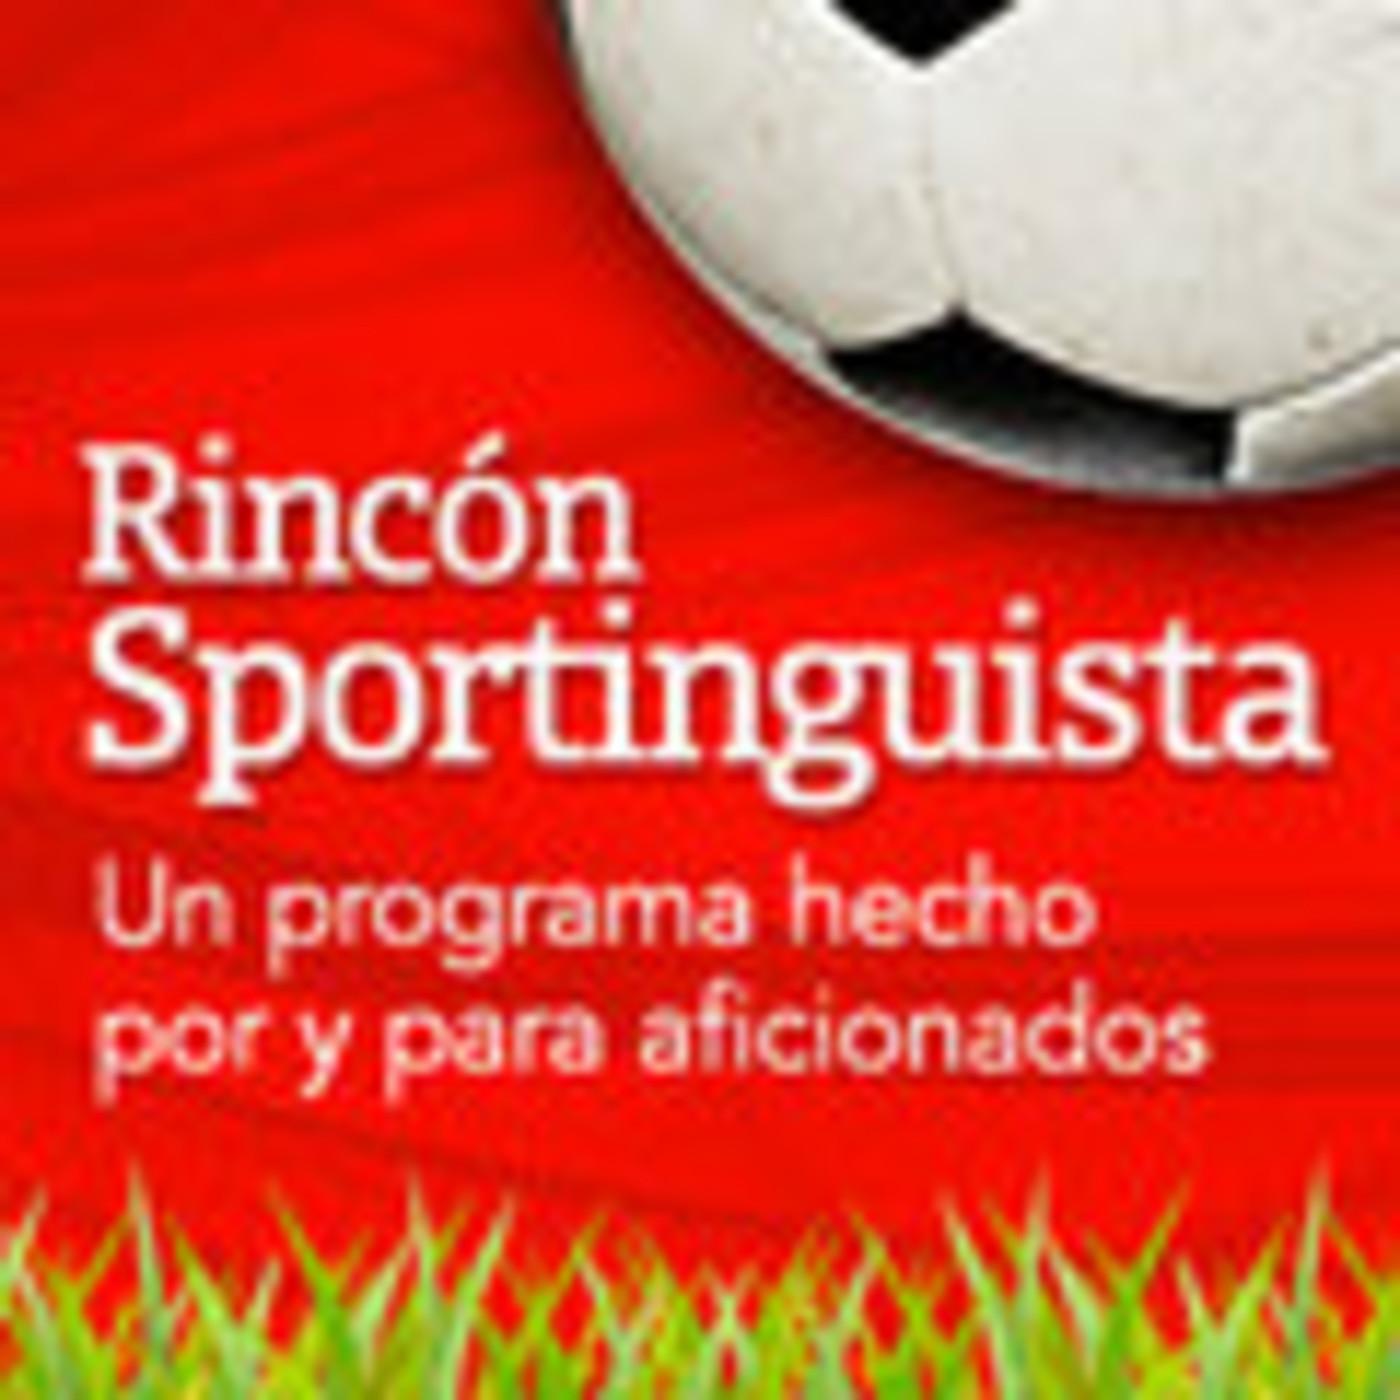 Rincón Sportinguista